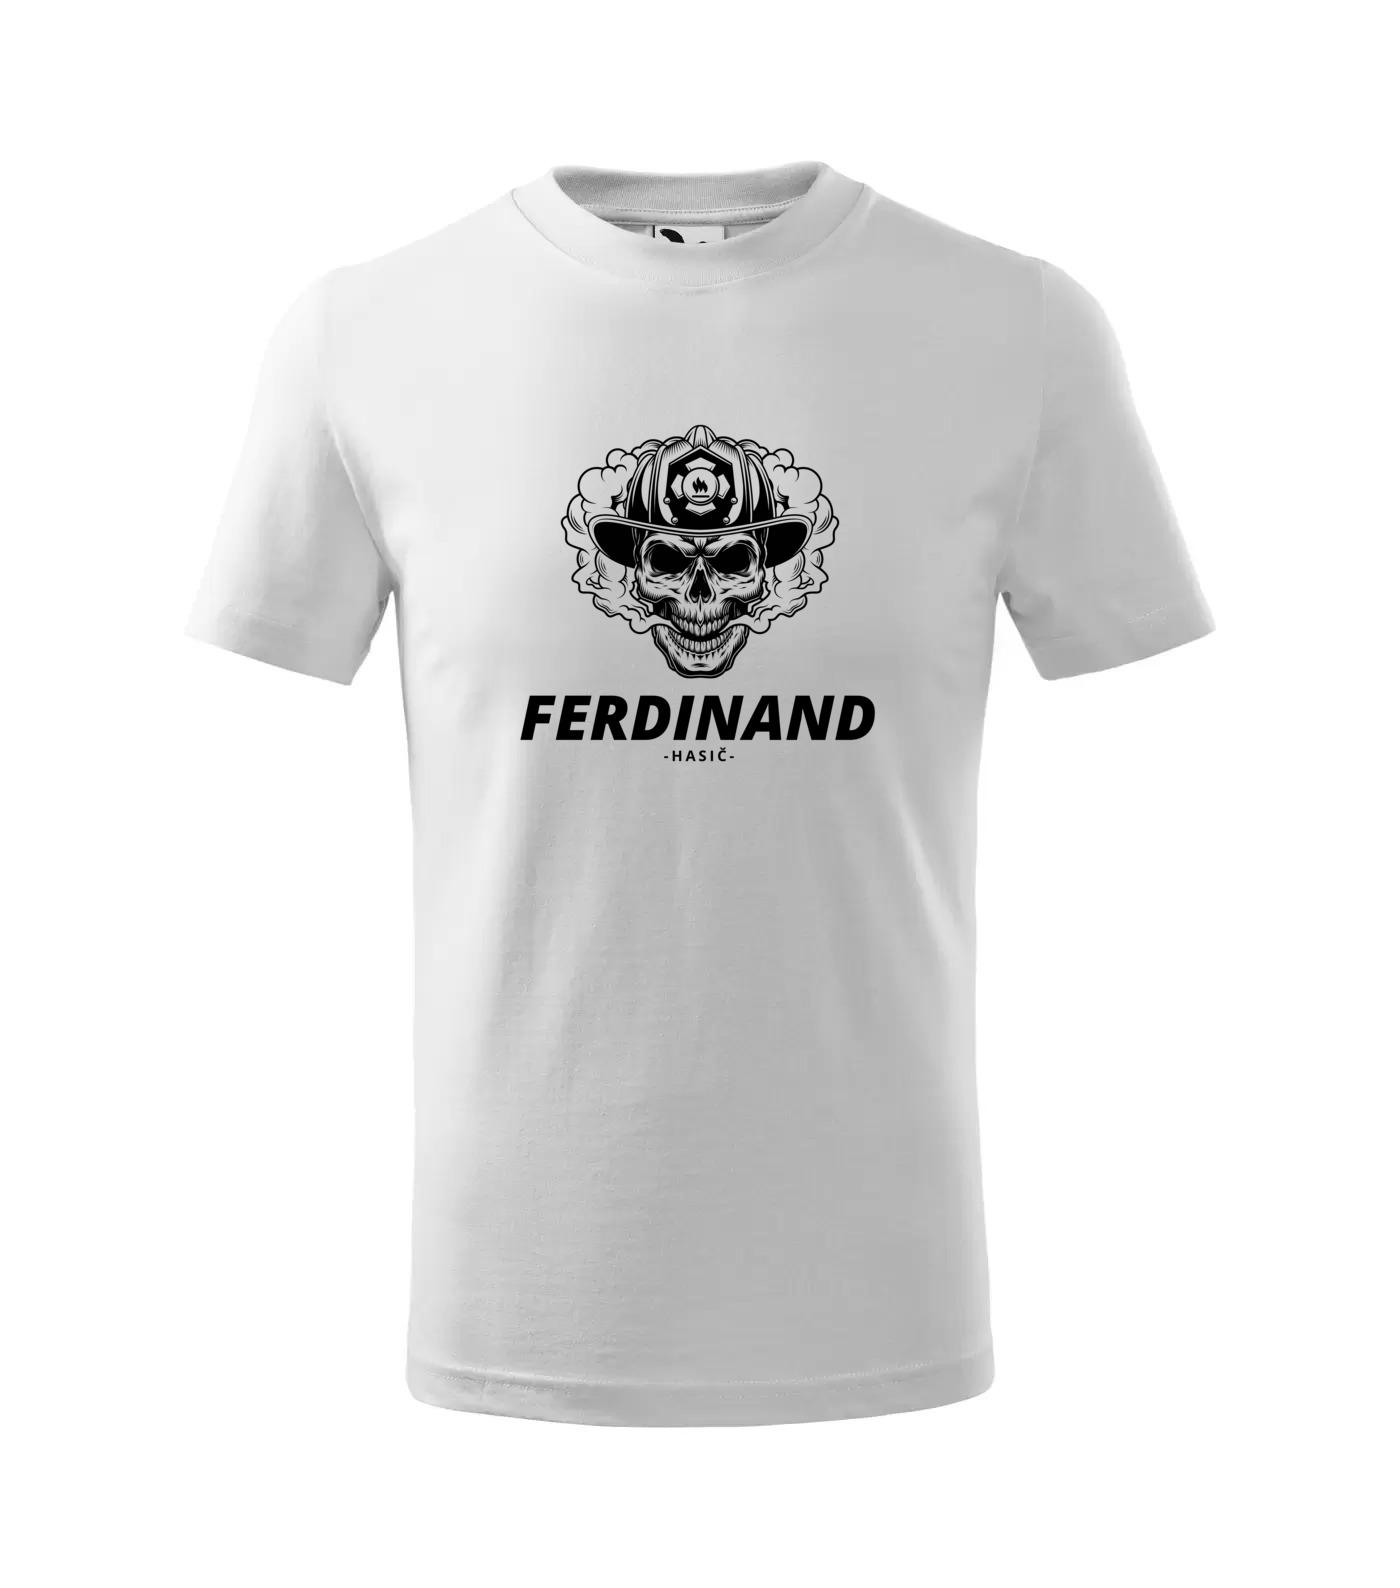 Tričko Hasič Ferdinand